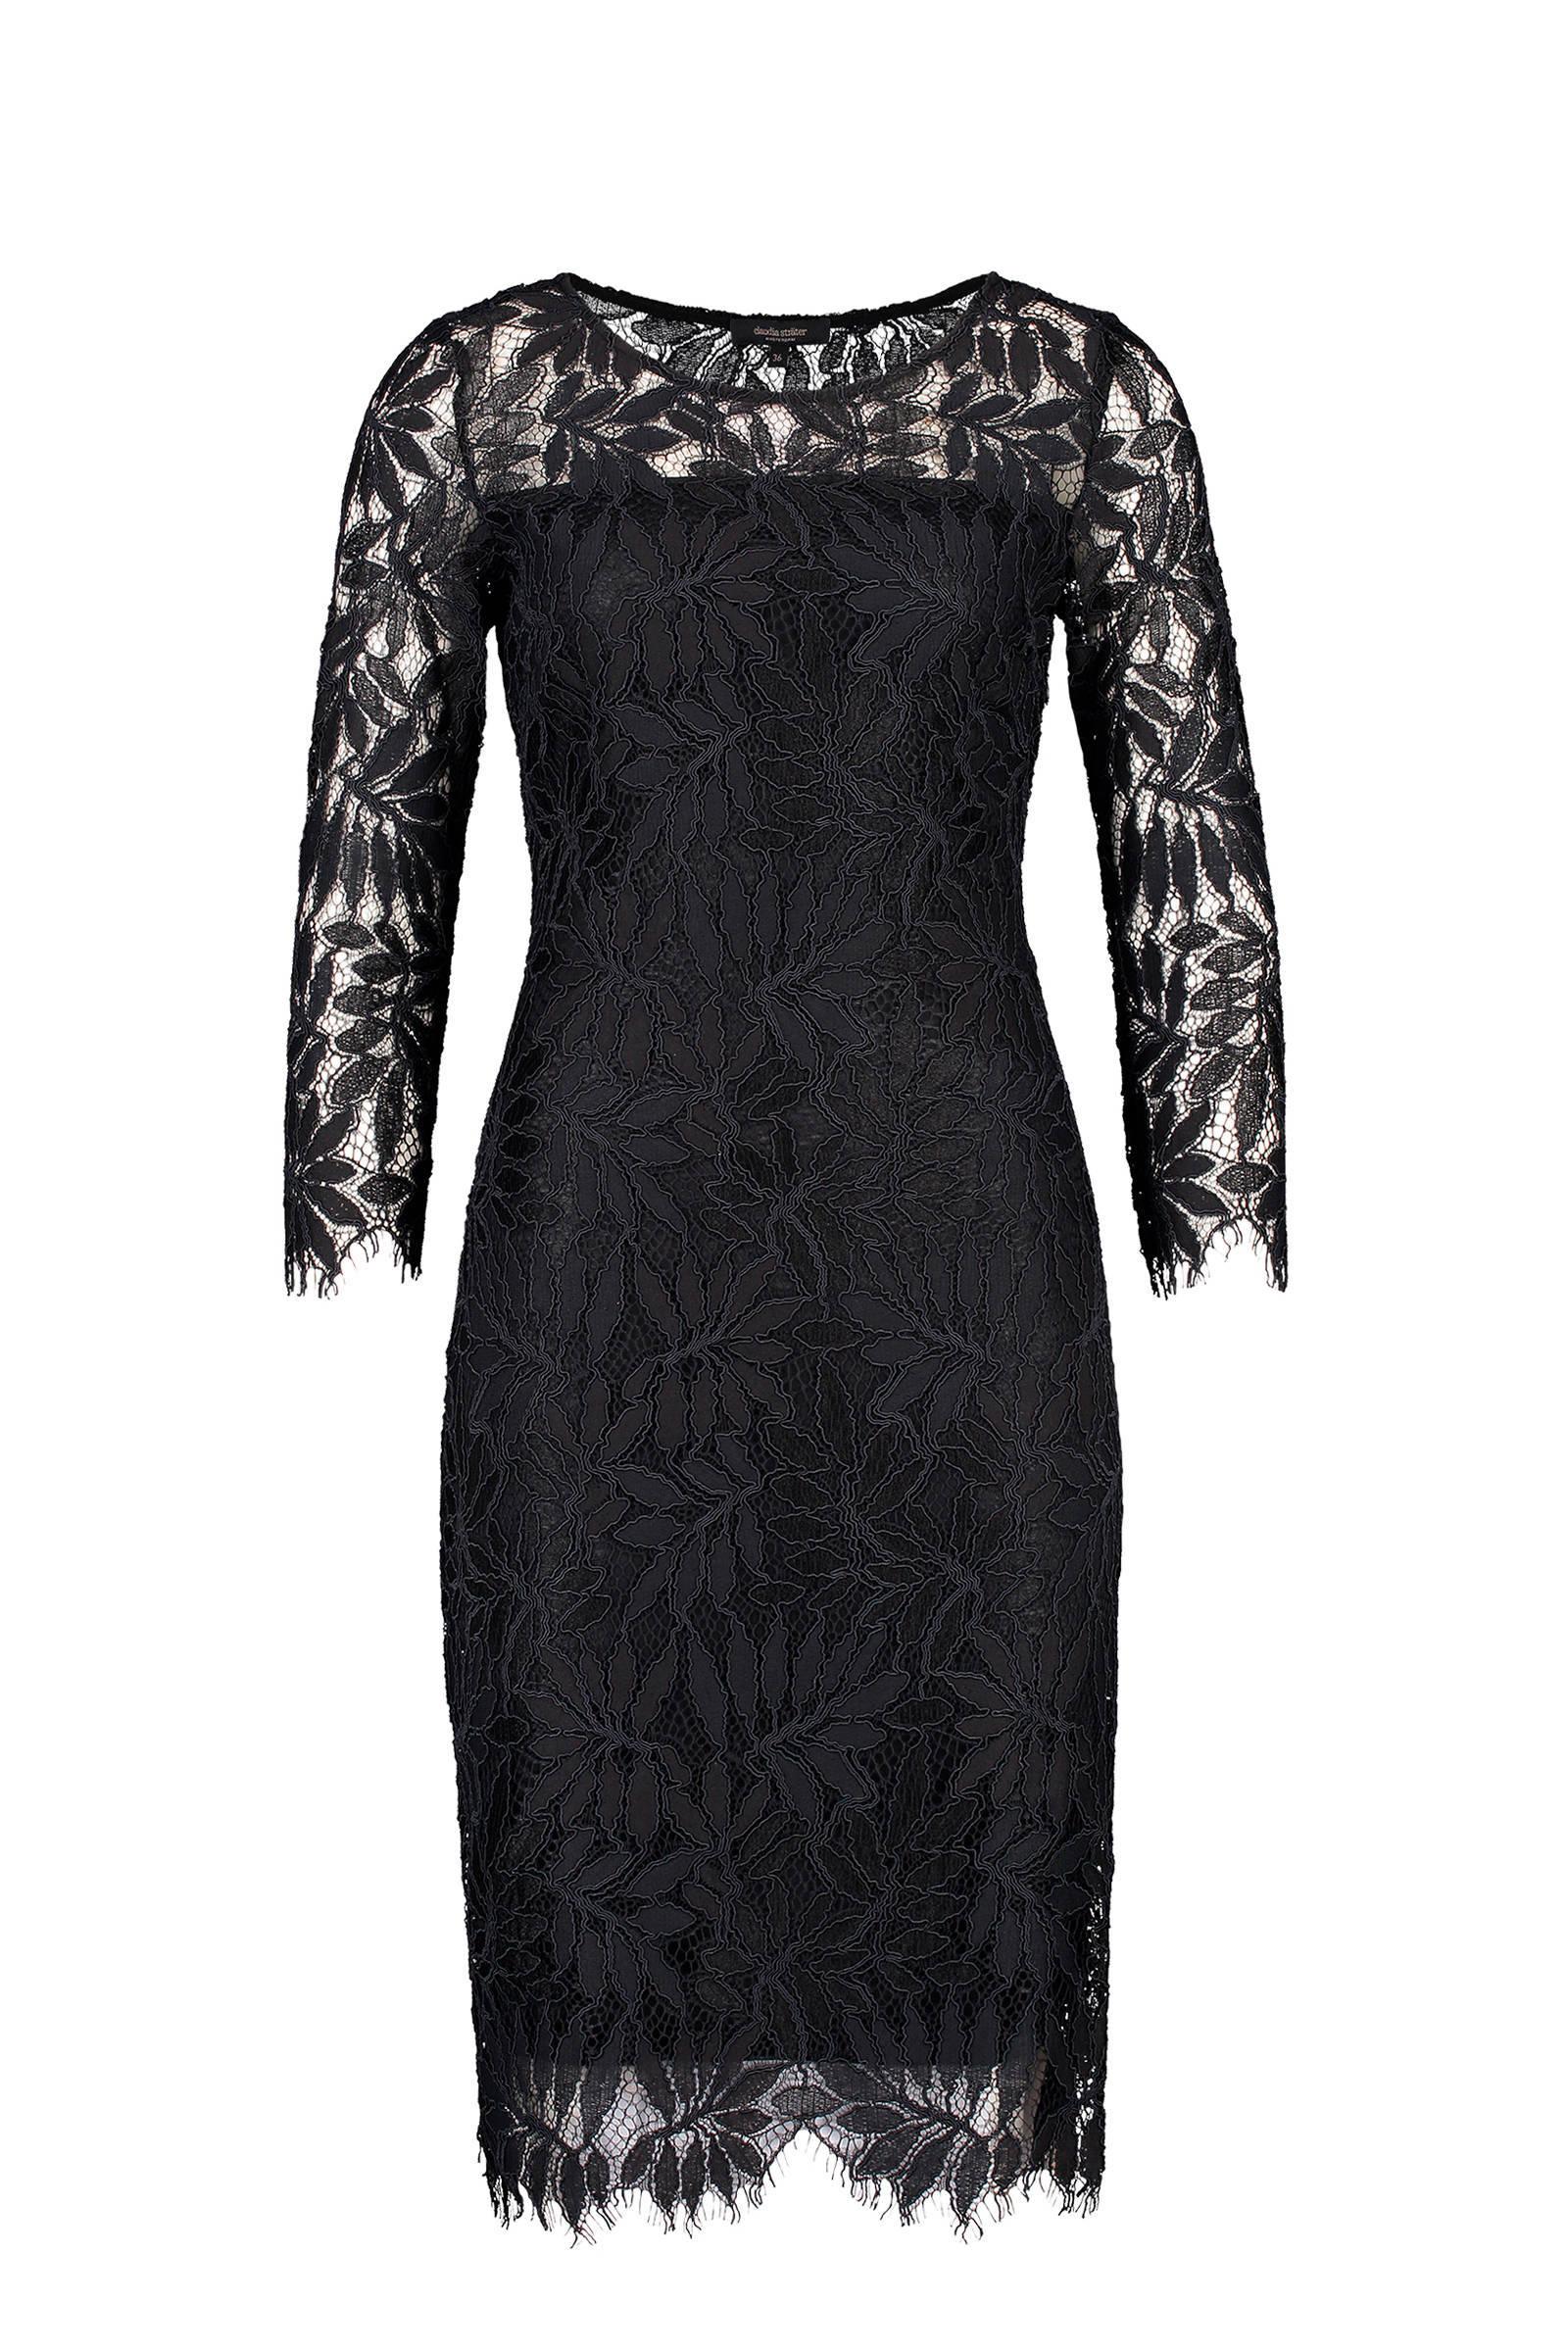 Wonderlijk Claudia Sträter jurk met all over print en kant zwart | wehkamp SV-46